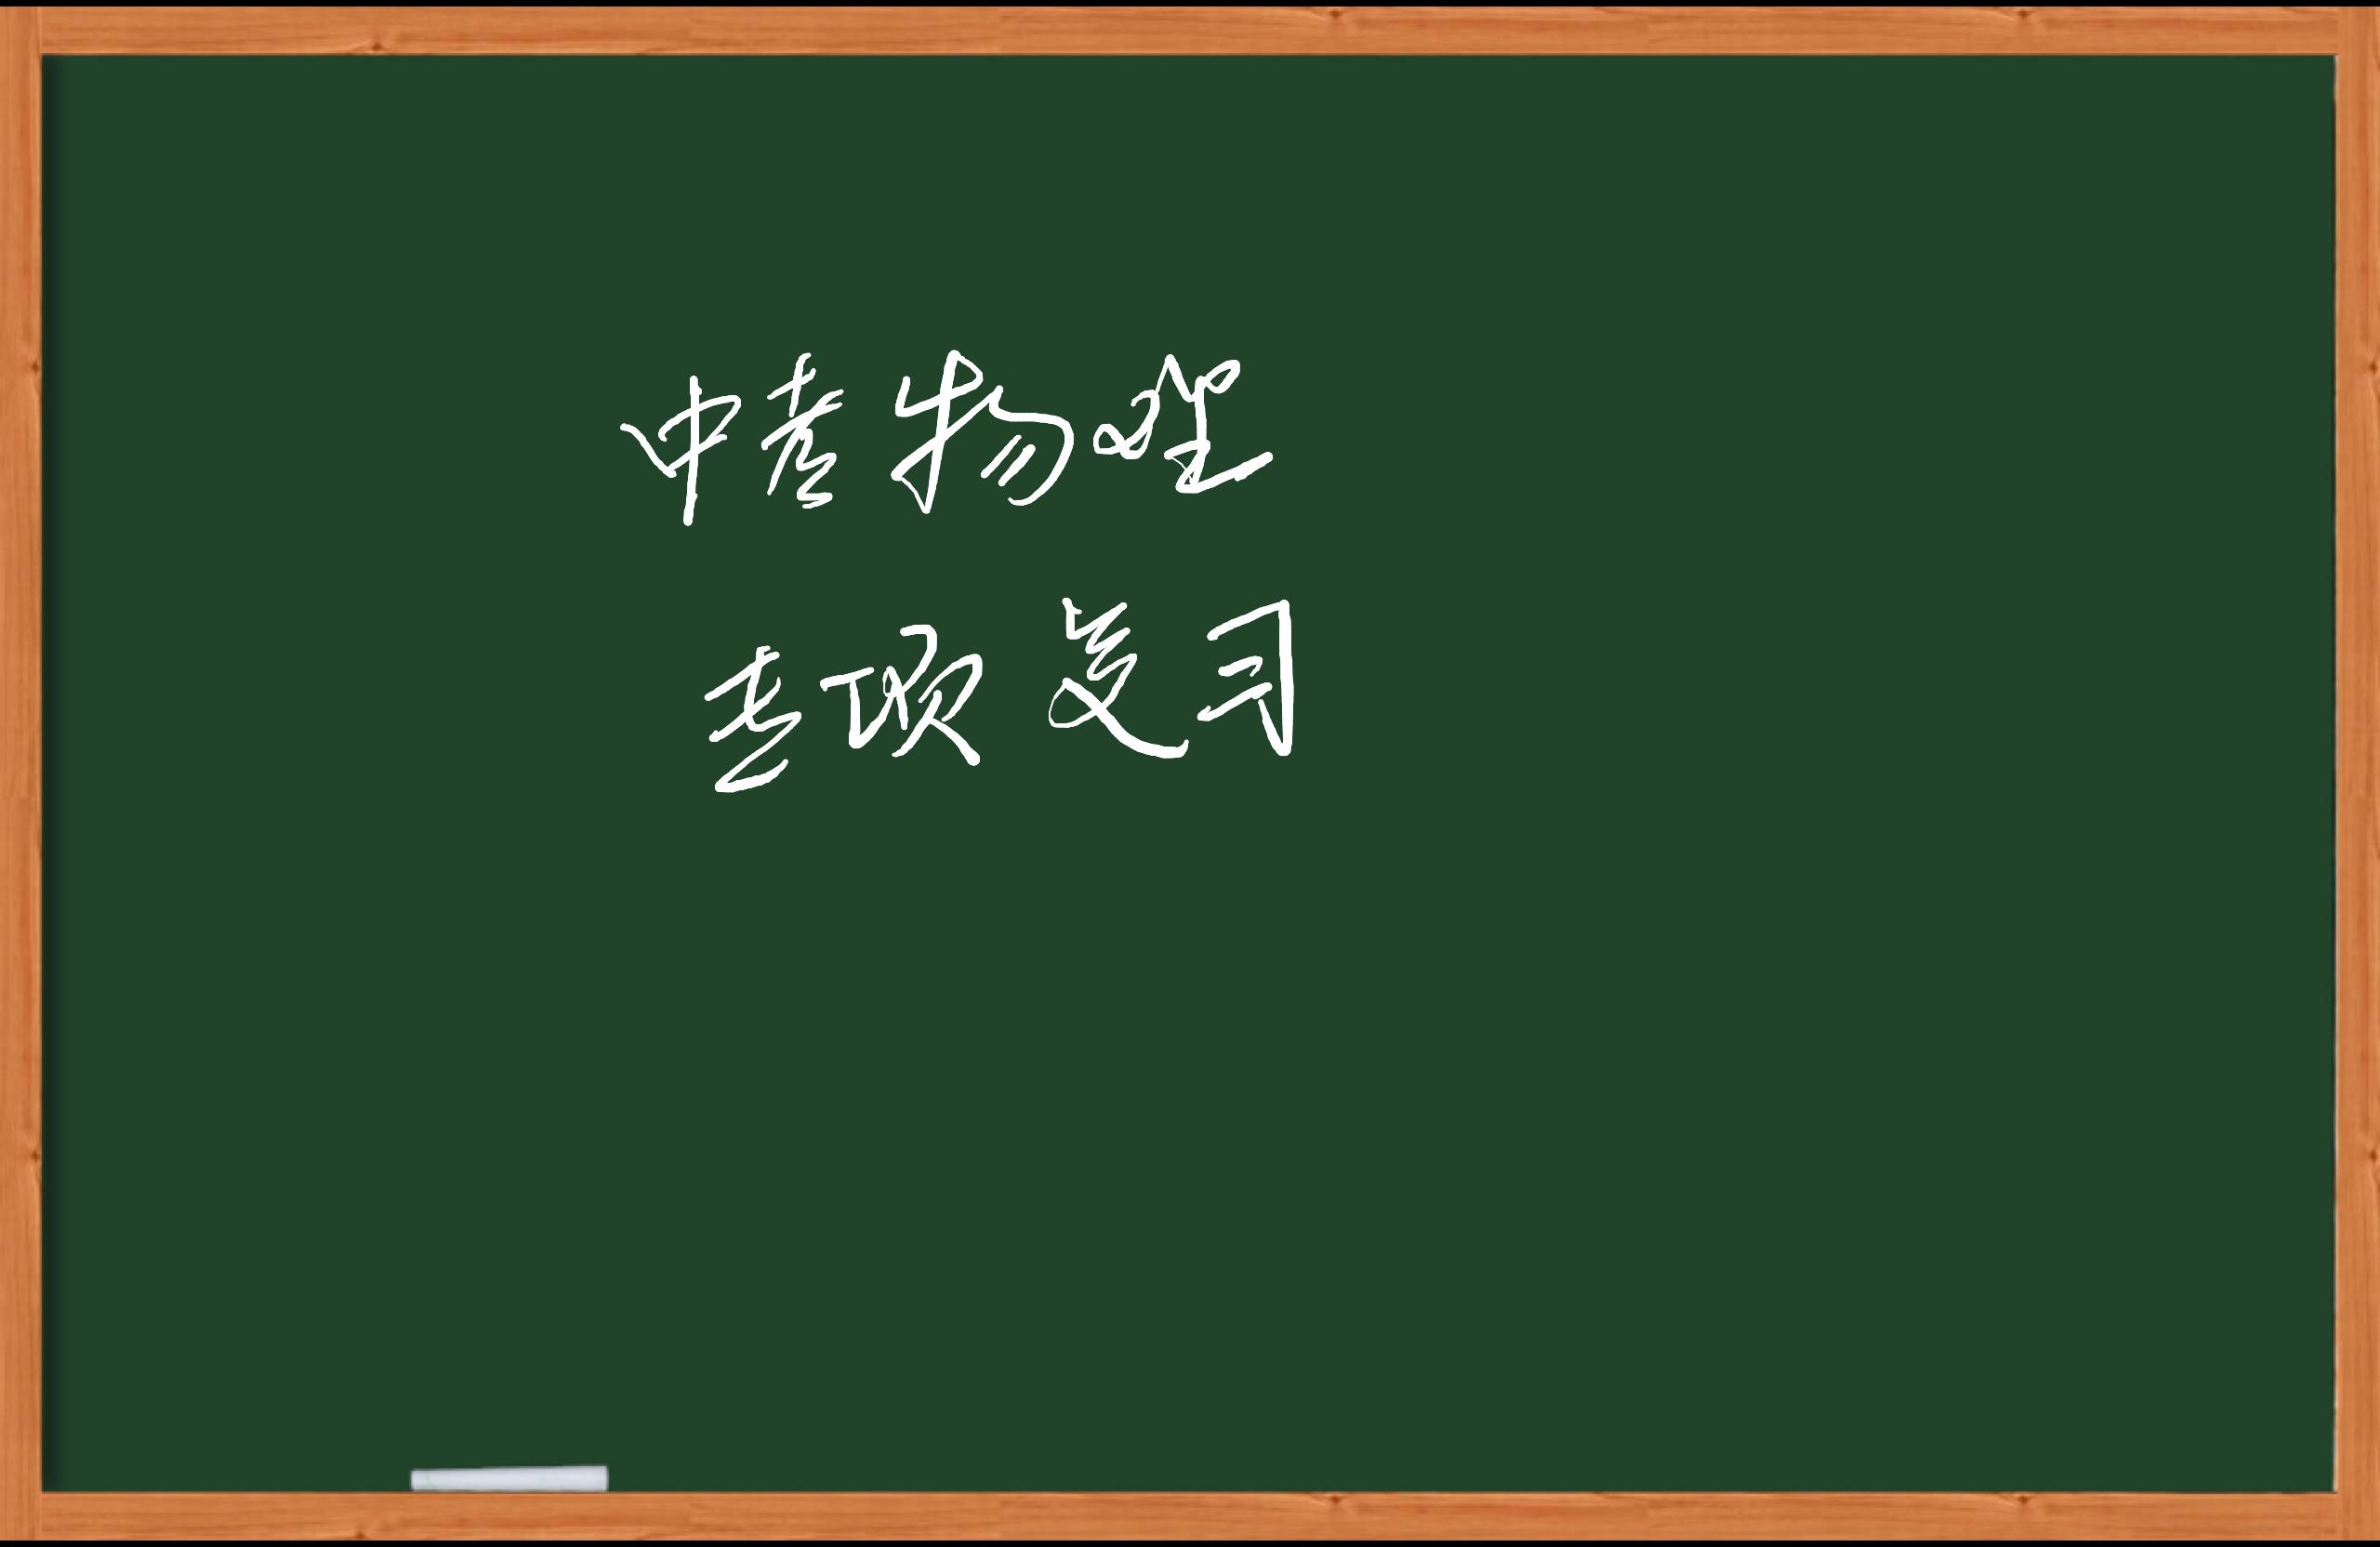 初中物理-质量密度-虎斑教育